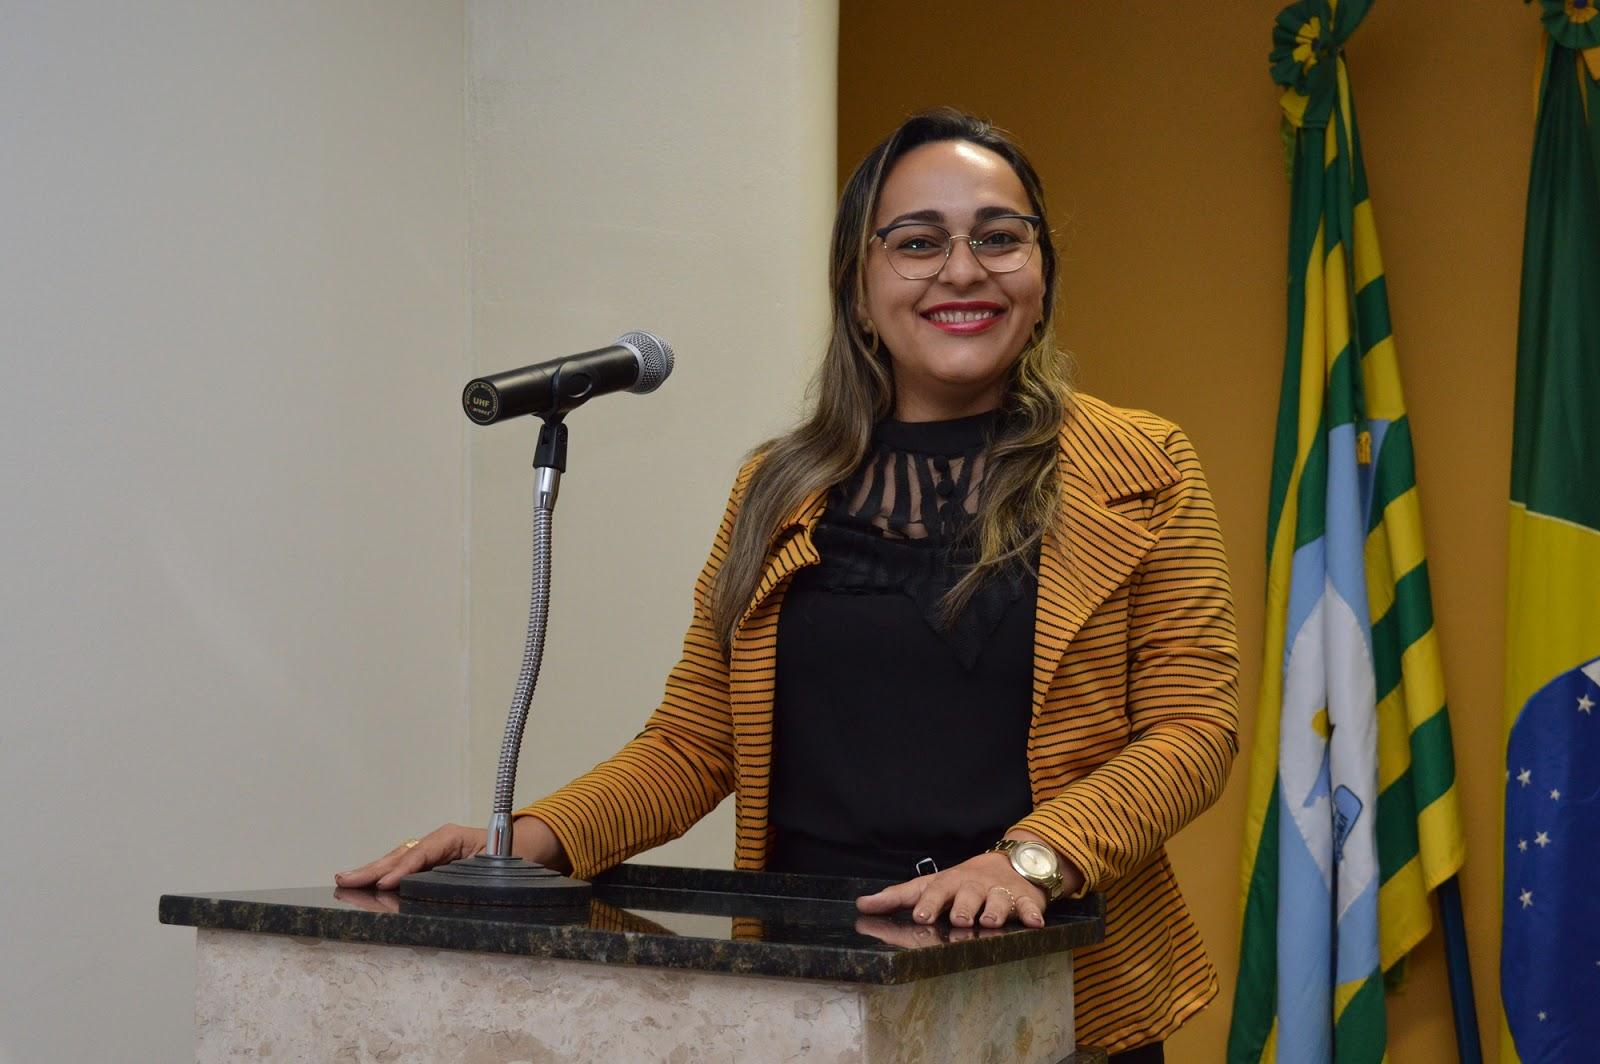 Vereadora Hélvia Almeida (PSD) Solicita do Poder Público Municipal a implantação do Projeto Samuzinho